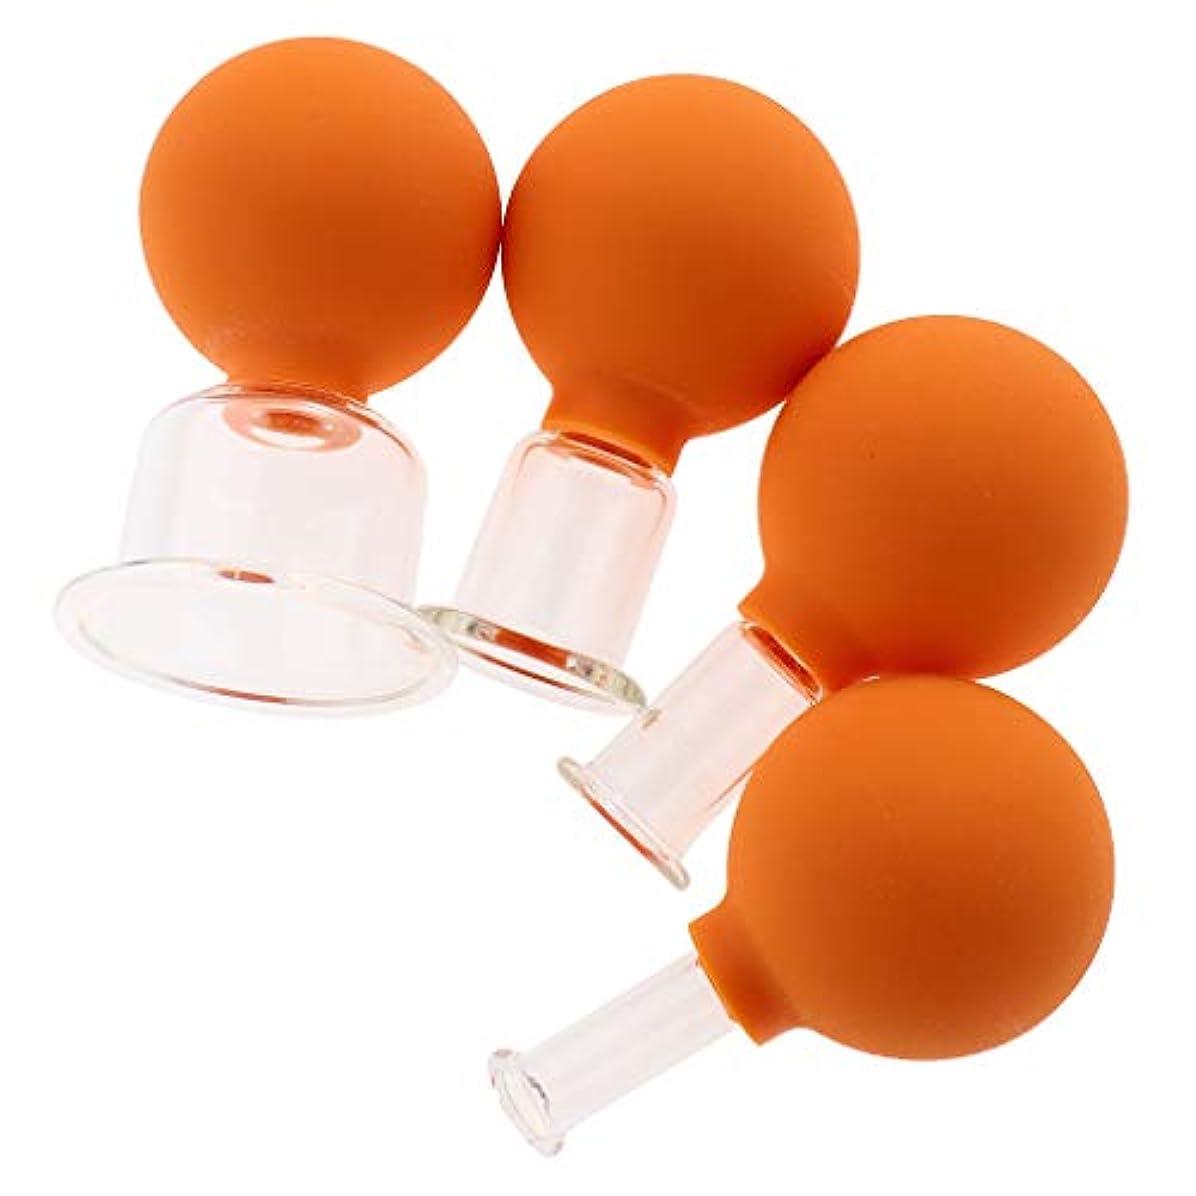 不健康反逆センターF Fityle マッサージ吸い玉 マッサージカップ ガラスカッピング ゴム 真空 男女兼用 4個 全3色 - オレンジ